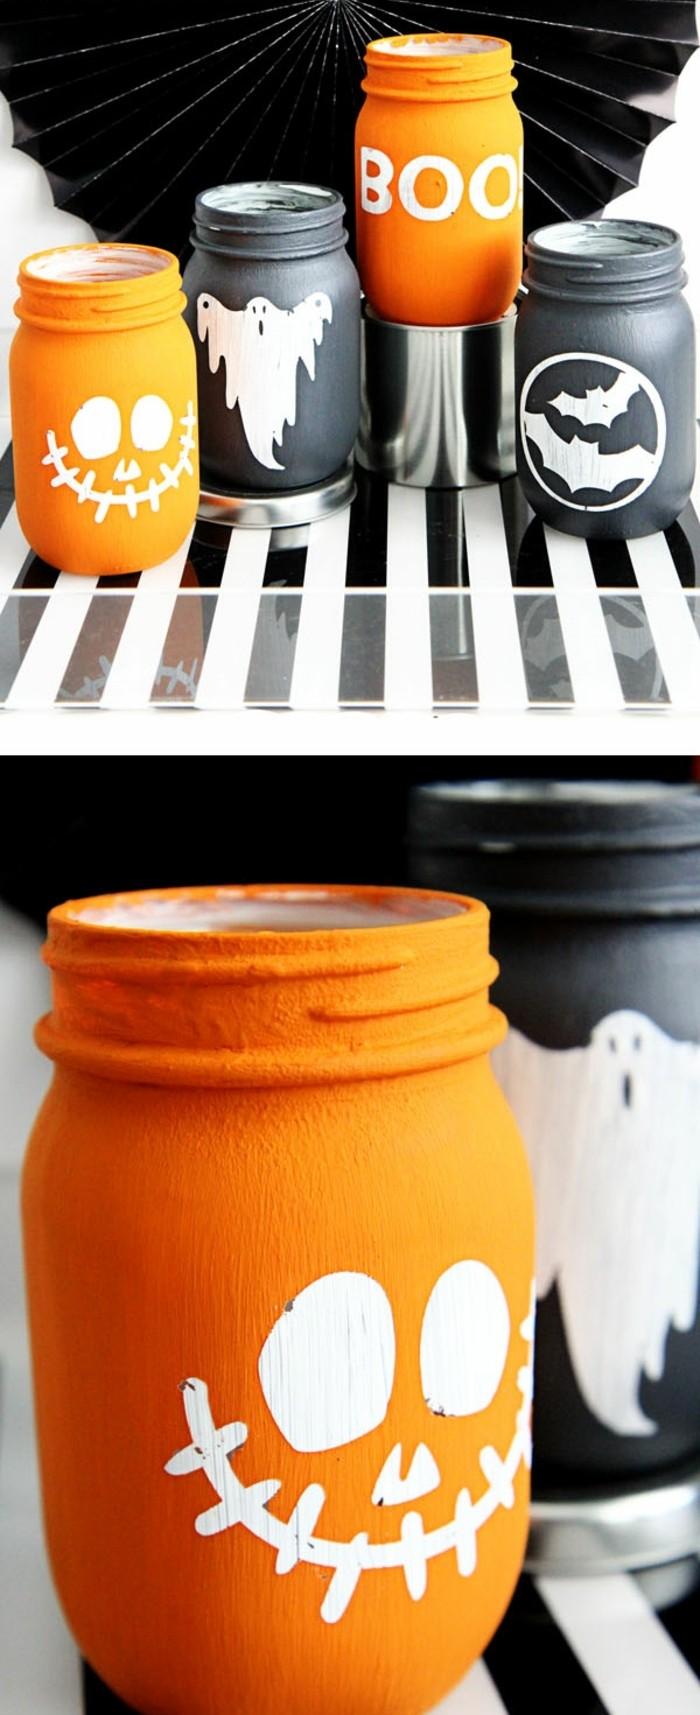 décoration-pot-de-confiture-inspiration-halloween-bocaux-peints-en-noir-et-orange